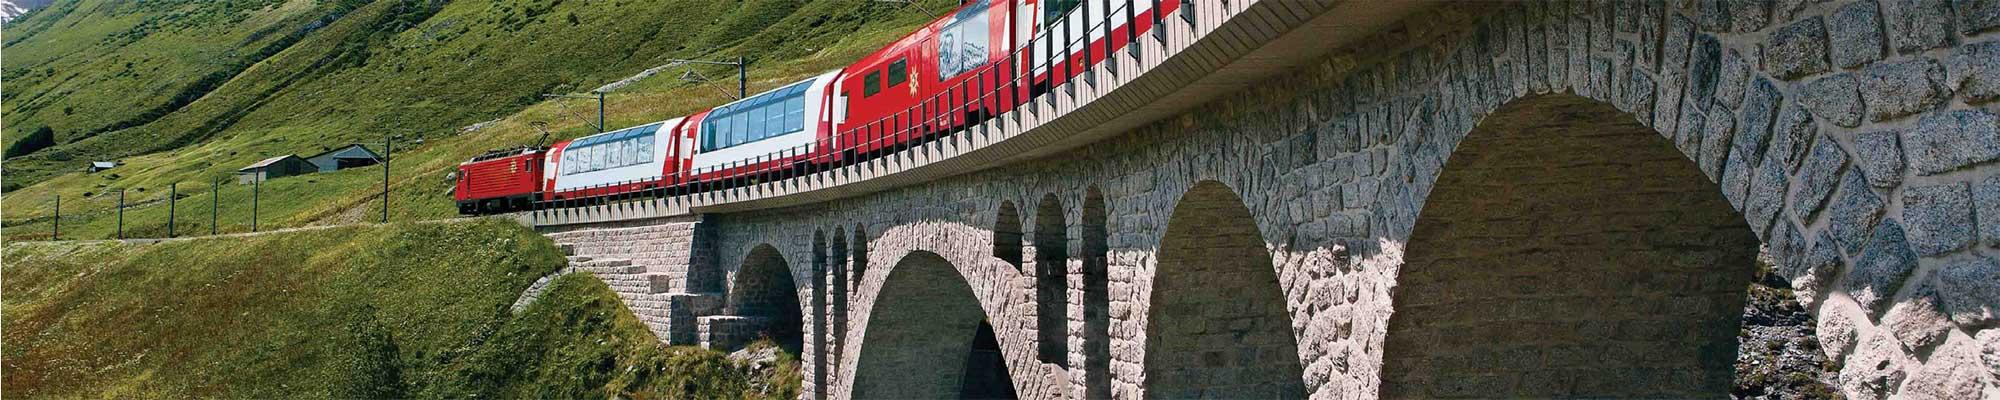 Panoramawagen fährt über Viadukt